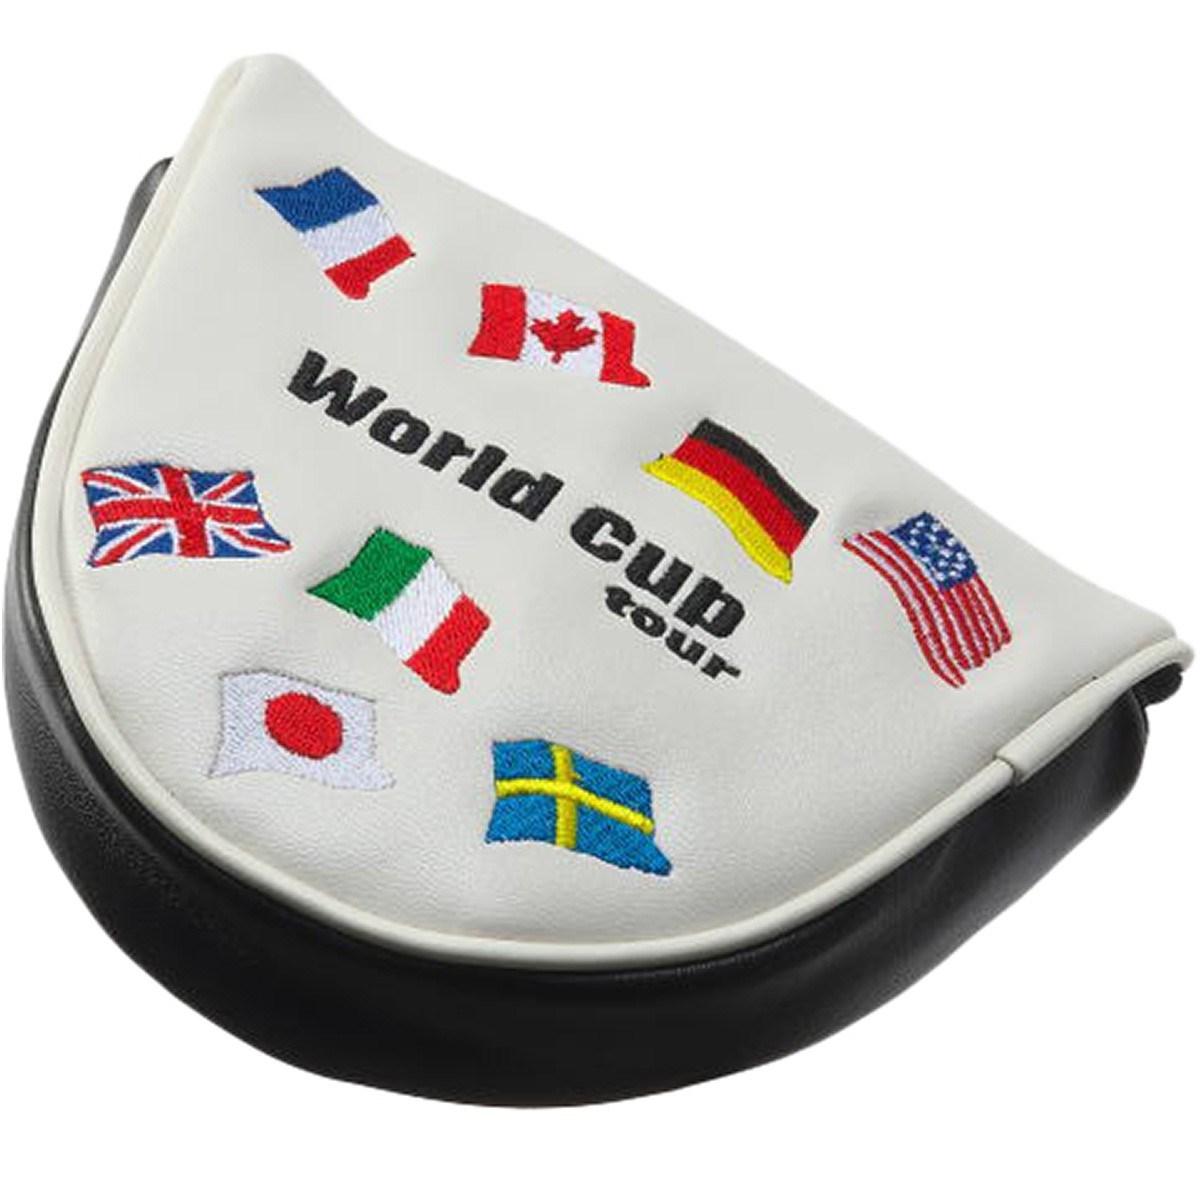 クリオコーポレーション ワールドカップツアー パターカバー 2ボールタイプ